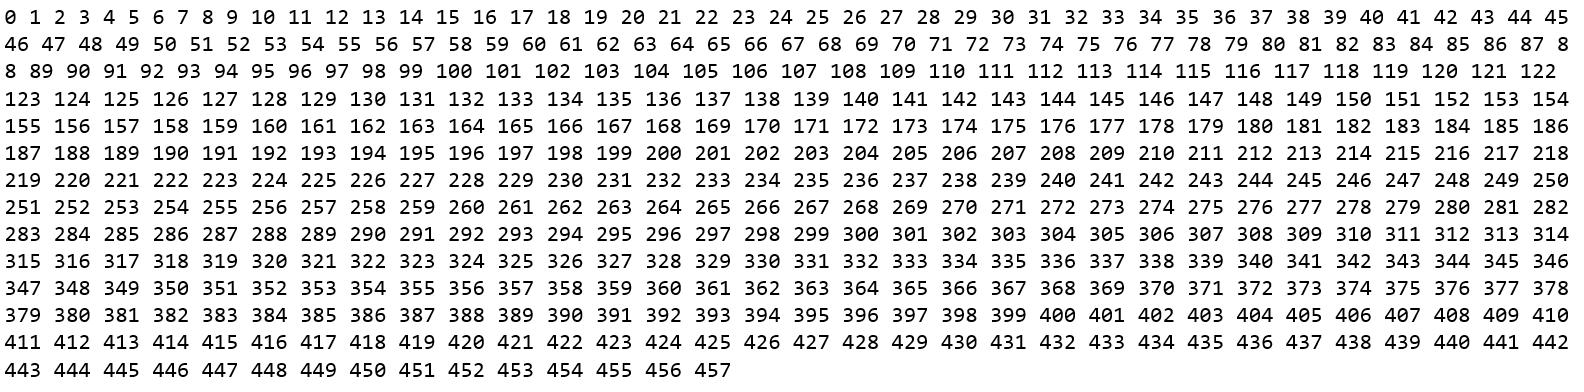 How to get rows/index names in Pandas dataframe - GeeksforGeeks